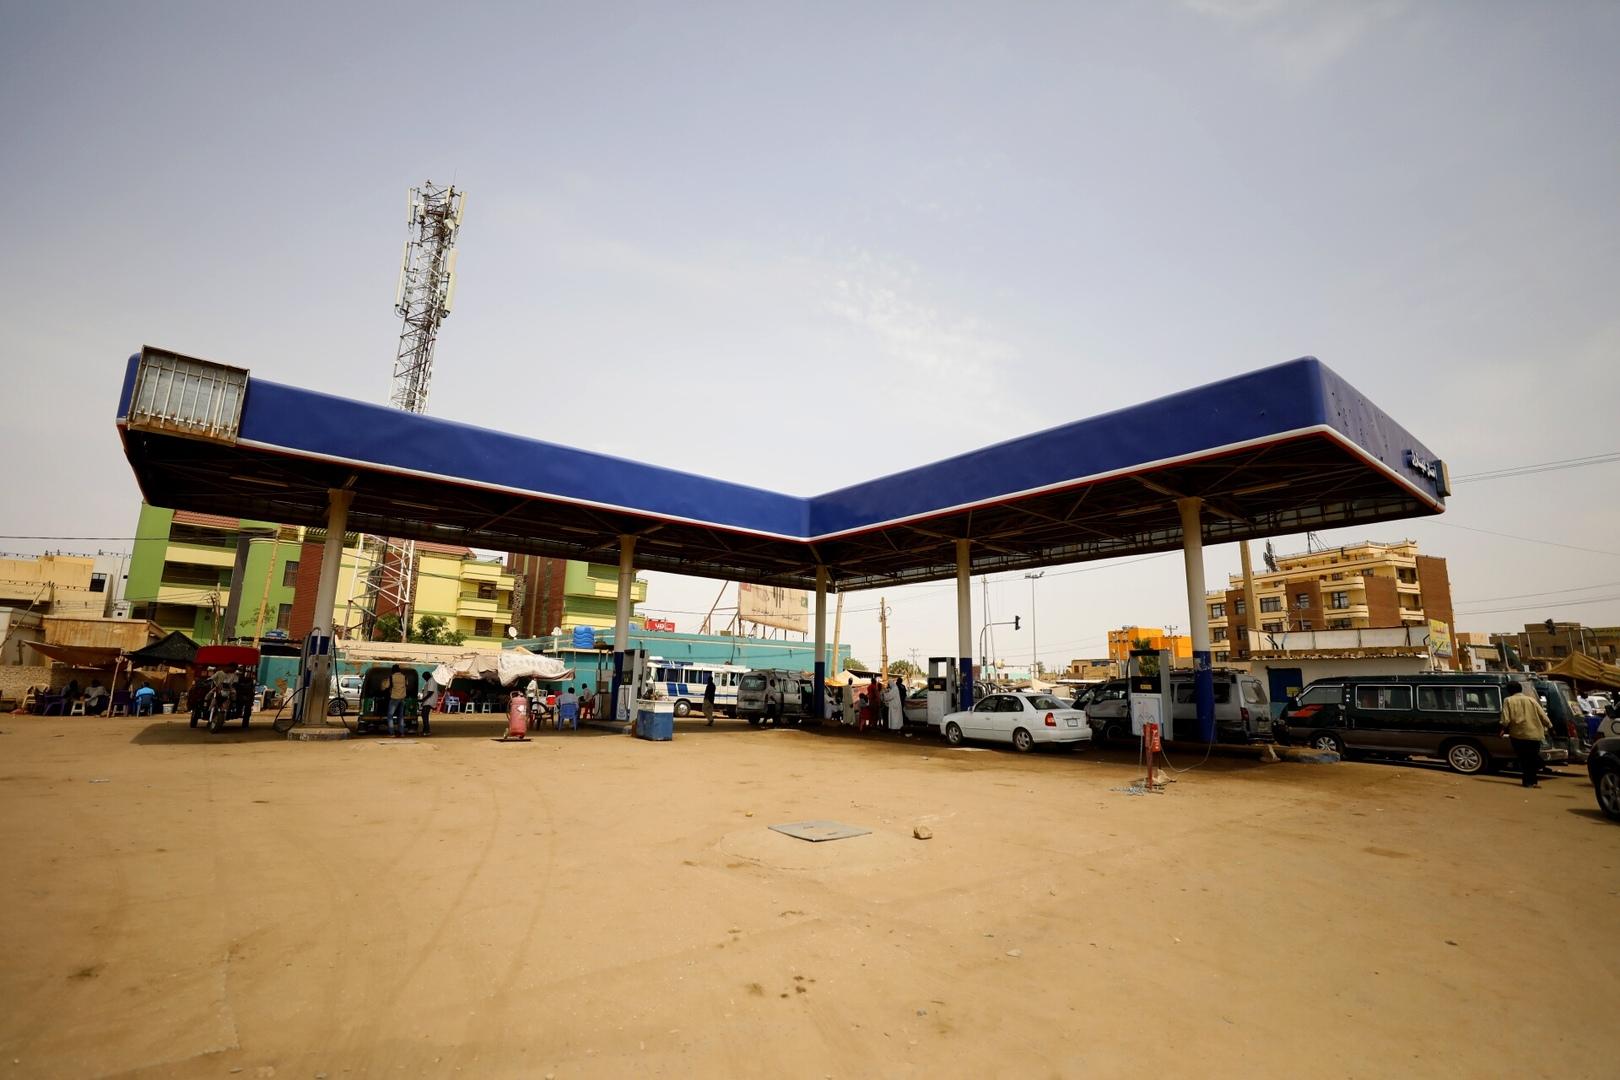 تراجع التضخم السنوي في السودان لأول مرة منذ بداية المرحلة الانتقالية